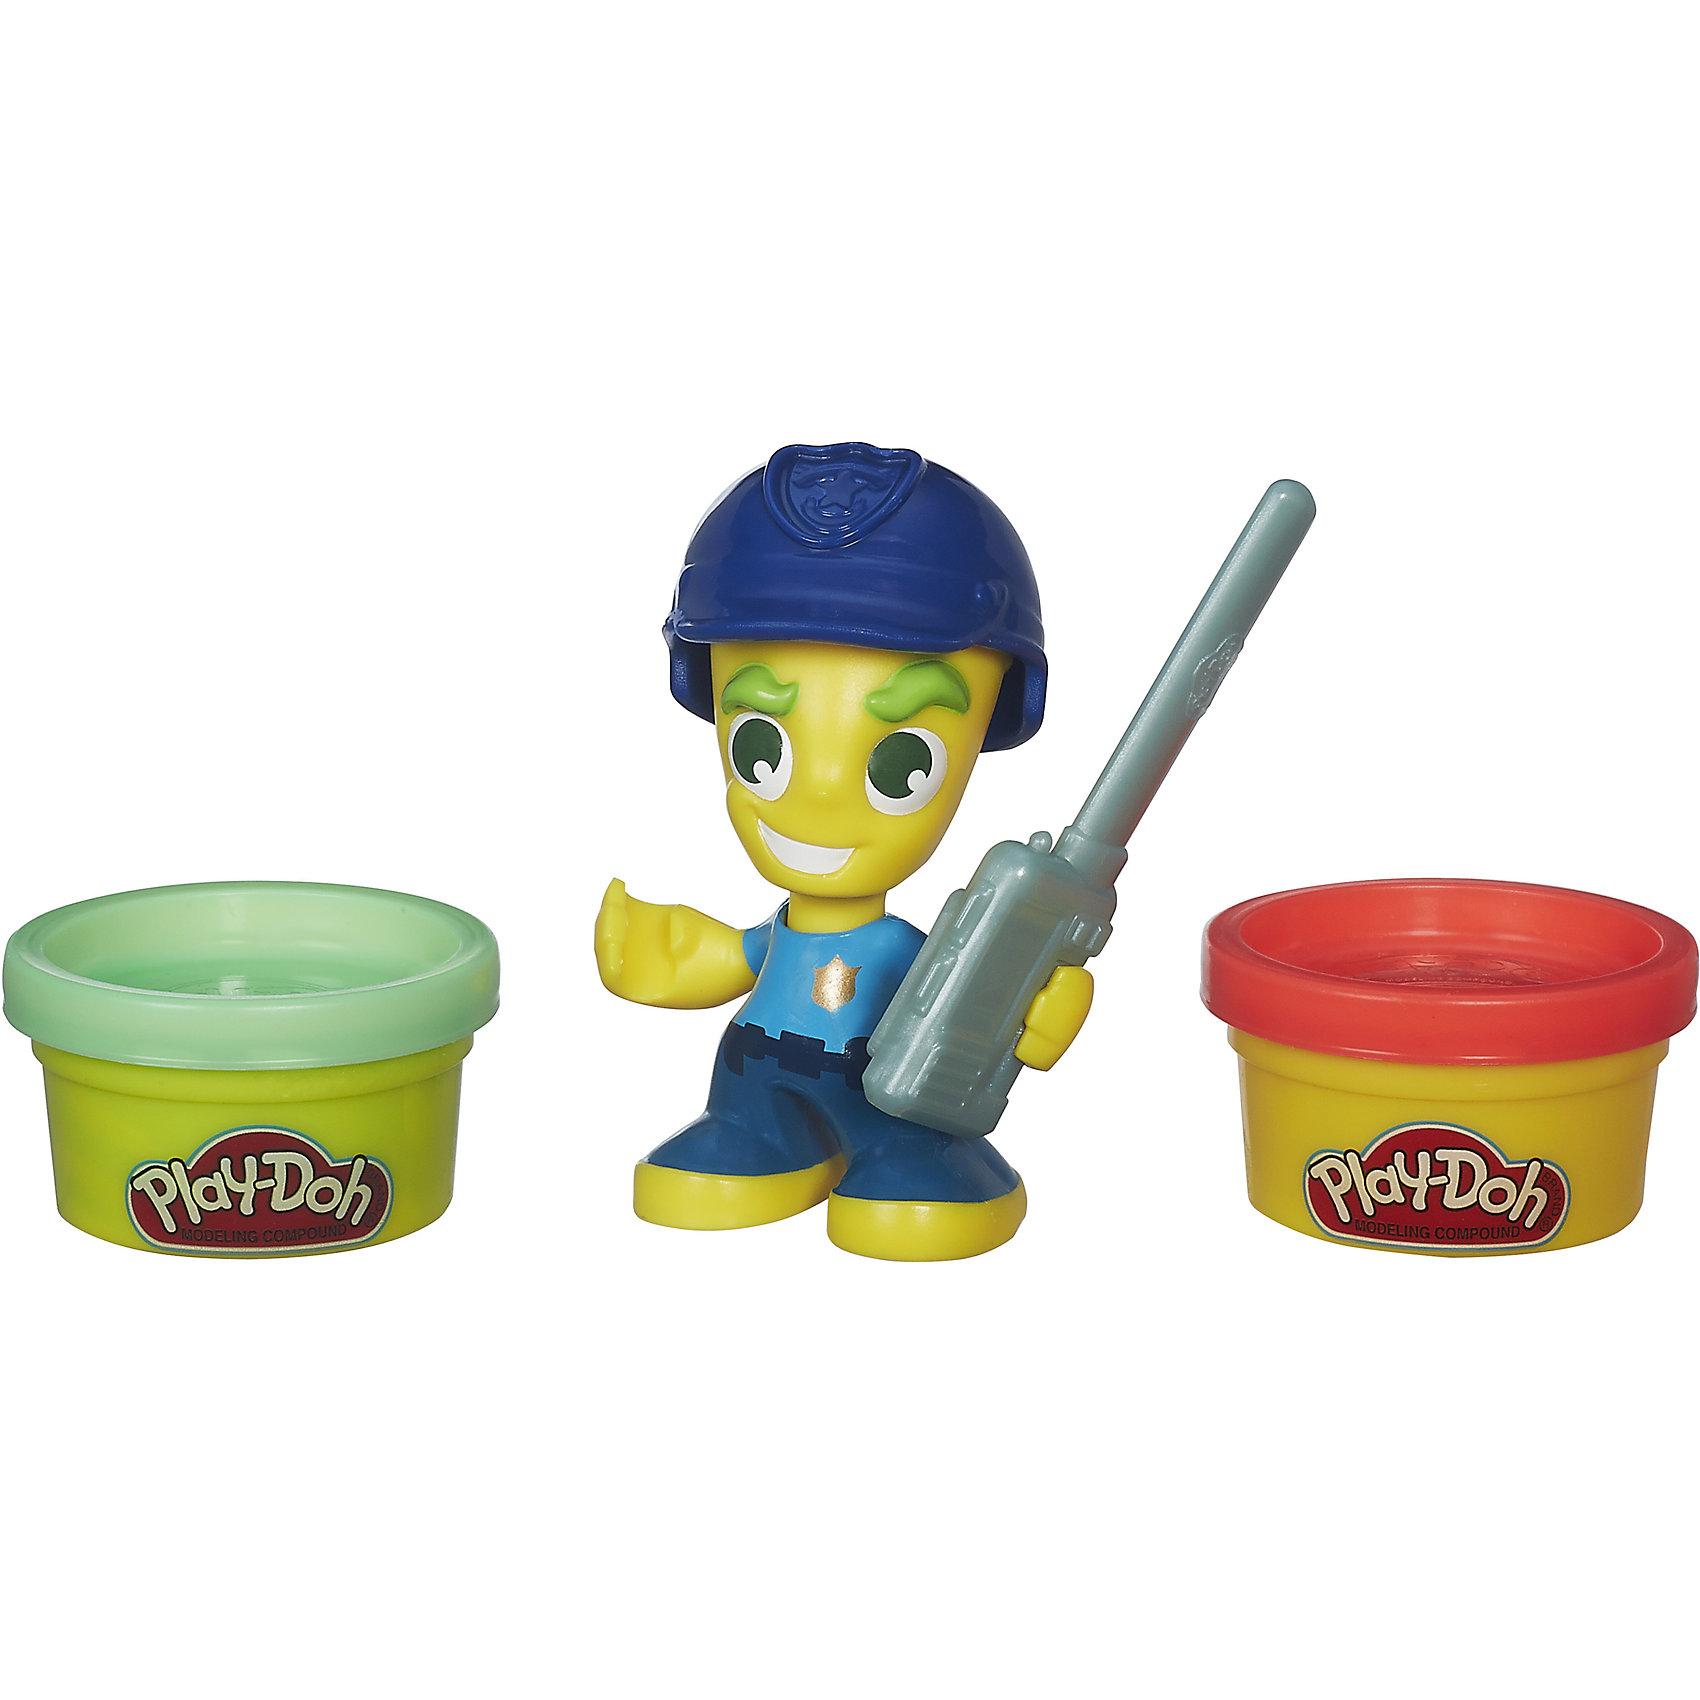 Hasbro Игровой набор Фигурки, Город, Play-Doh, B5960/B5979 всё для лепки play doh игровой набор город магазинчик домашних питомцев